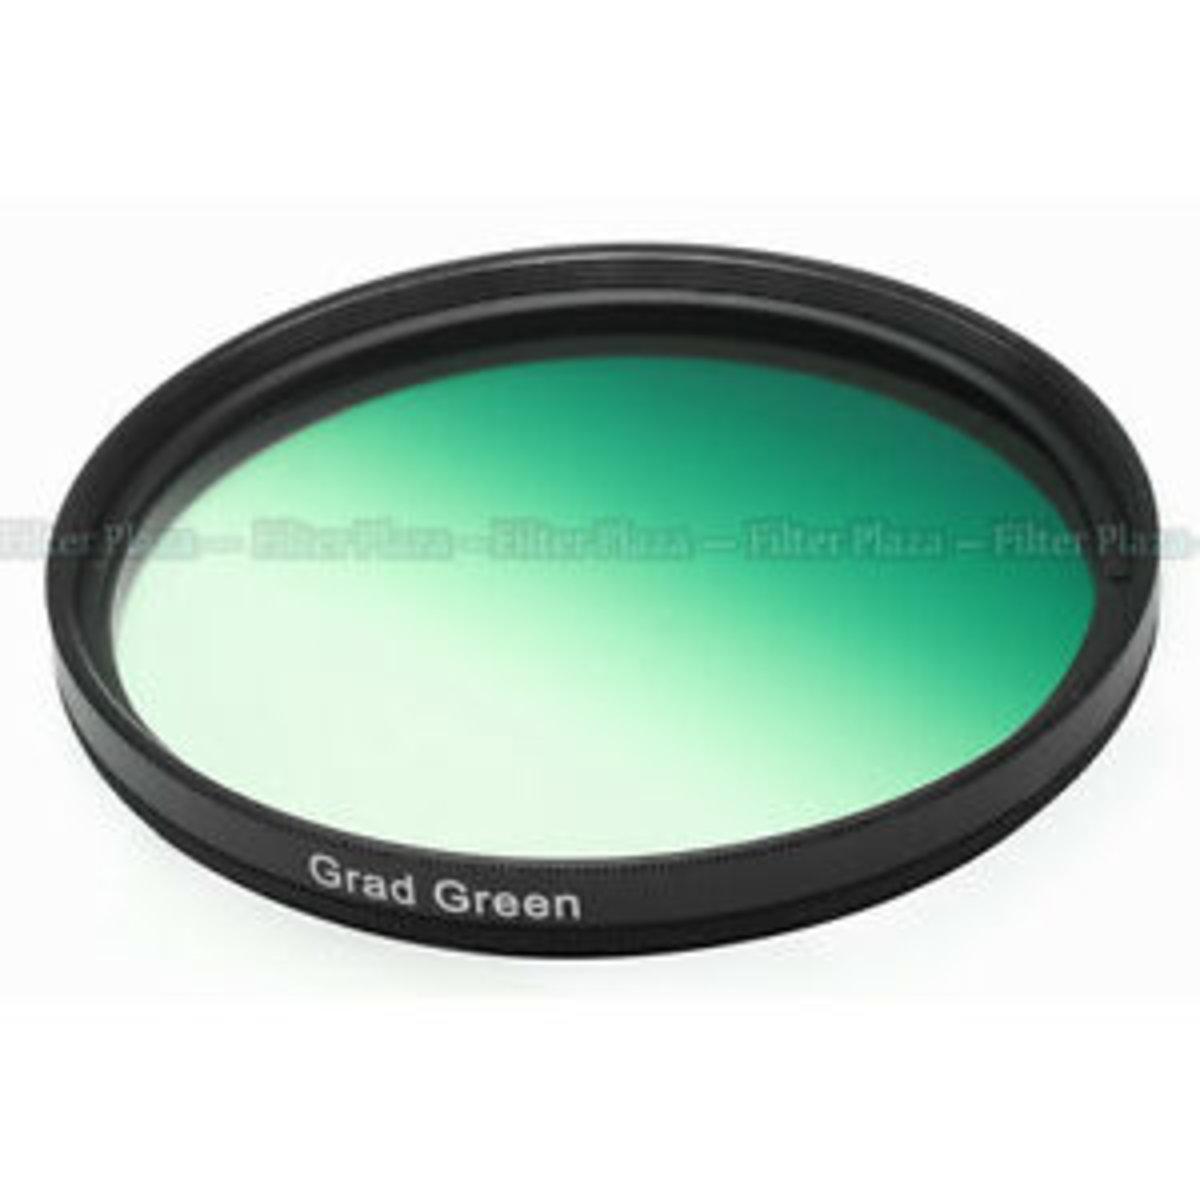 Citiwide 漸變綠色濾鏡 55MM